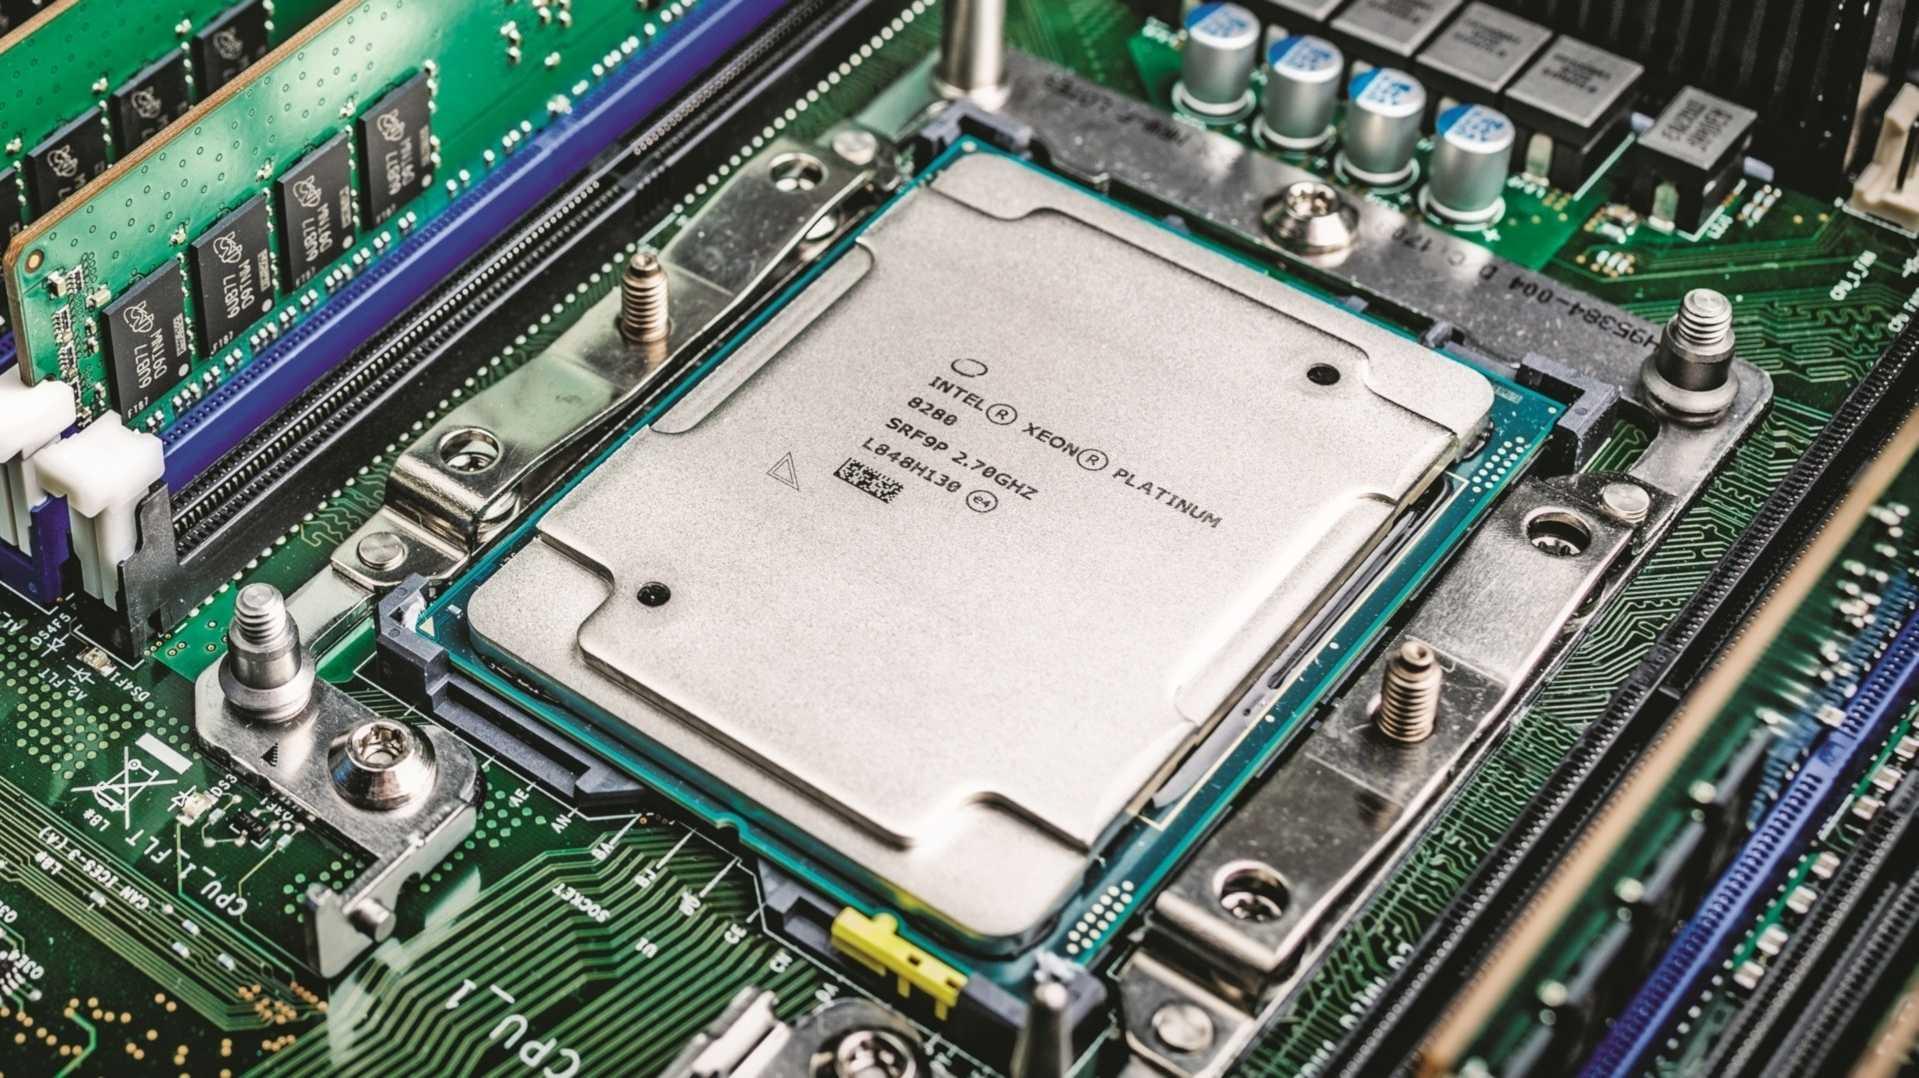 Intel-Ausblick enttäuscht die Börse mit schlechterem Ausblick